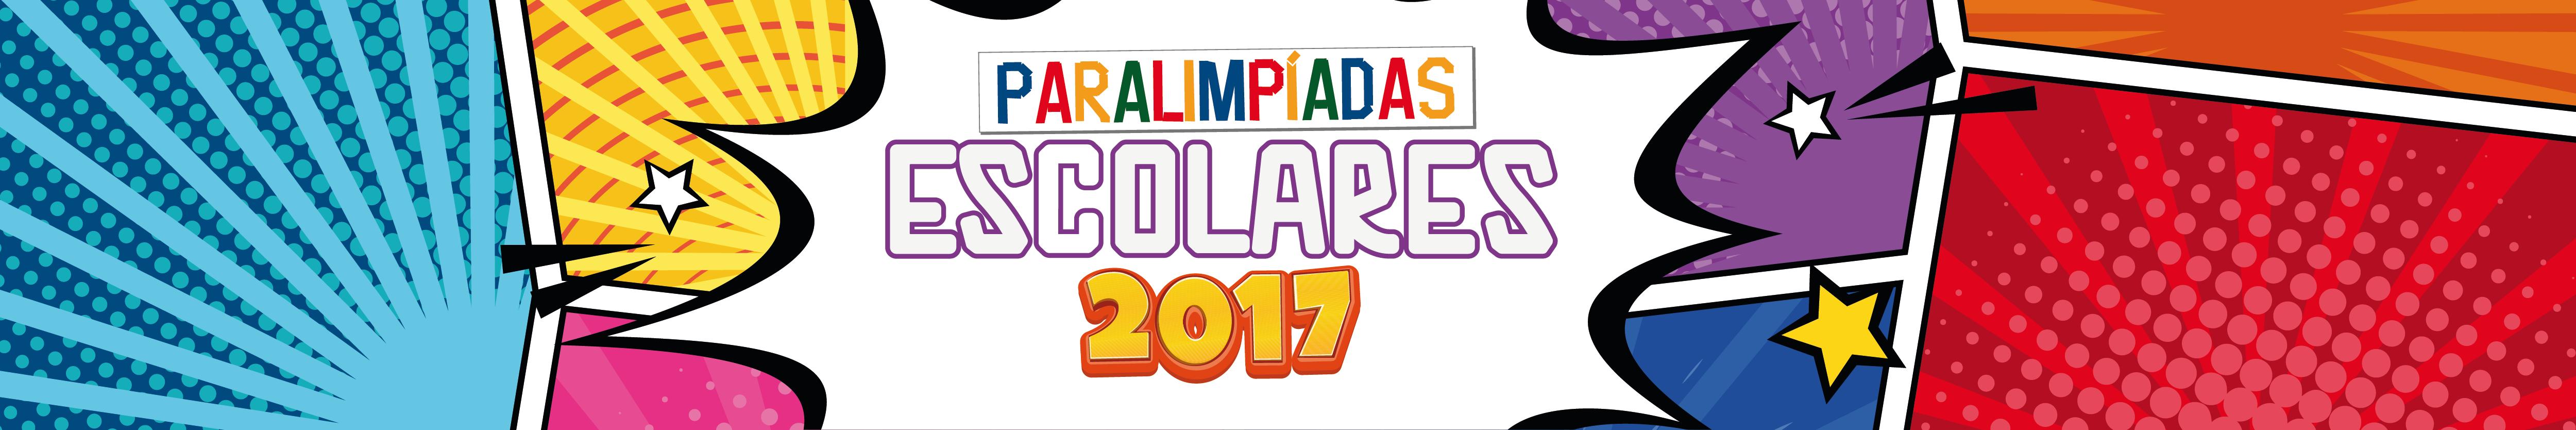 Paralimpíadas Escolares 2017